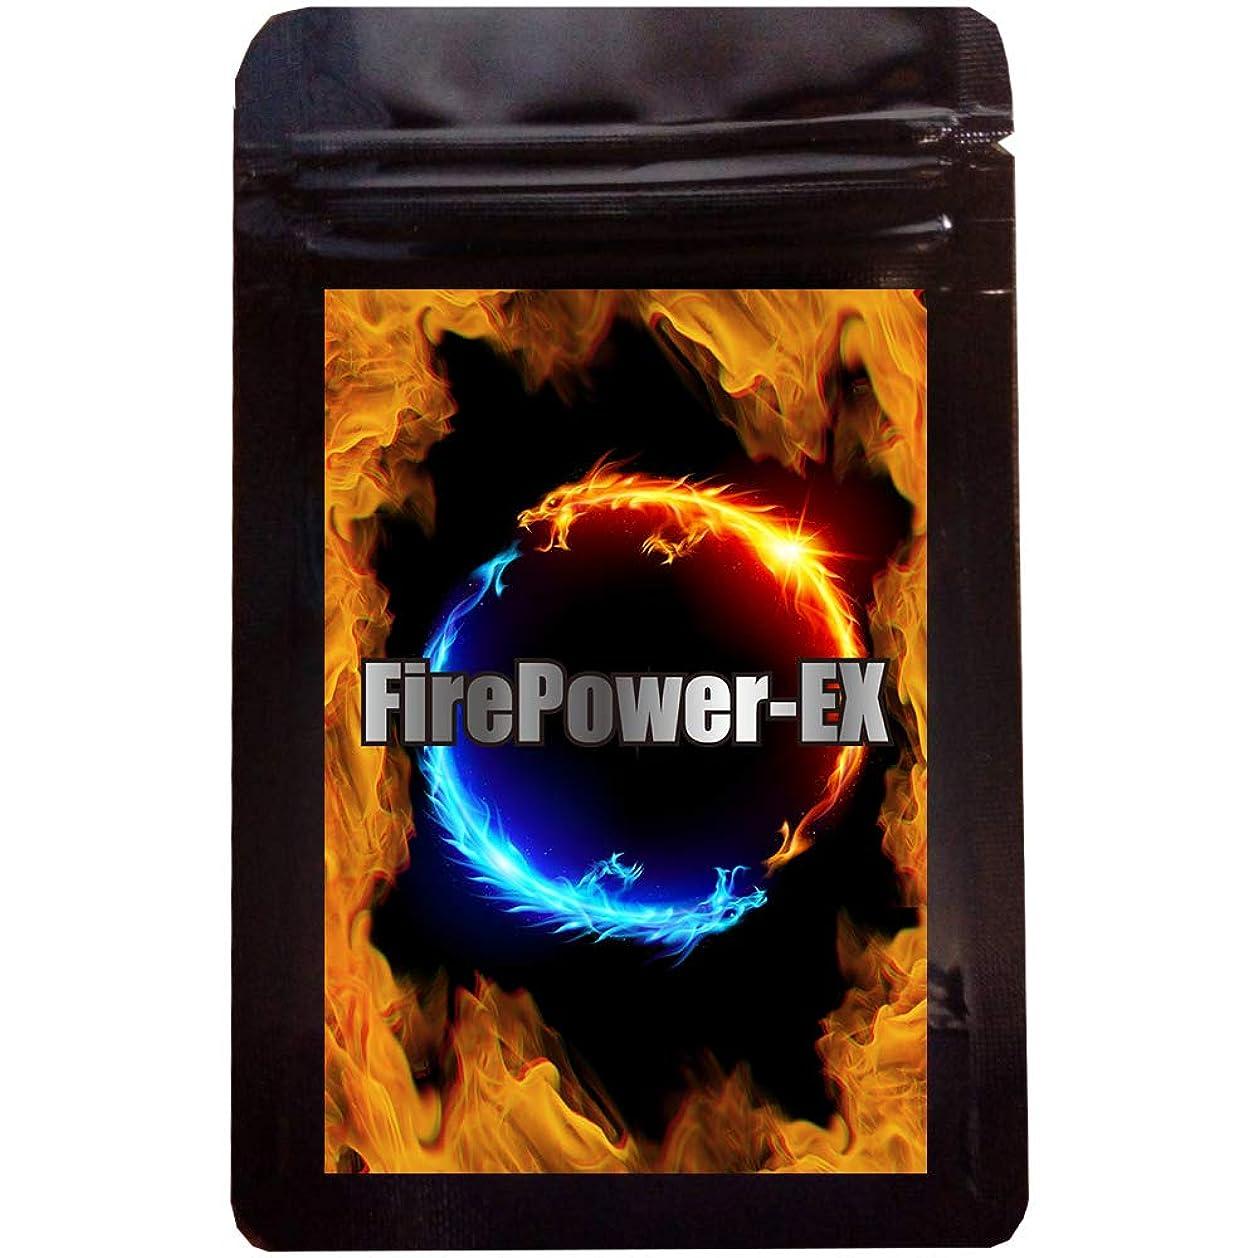 ボールひらめき操作可能FirePowerEX (ファイヤーパワーイーエックス) シトルリン アルギニン 亜鉛 マカ トンカットアリ サプリメント 60粒30日分